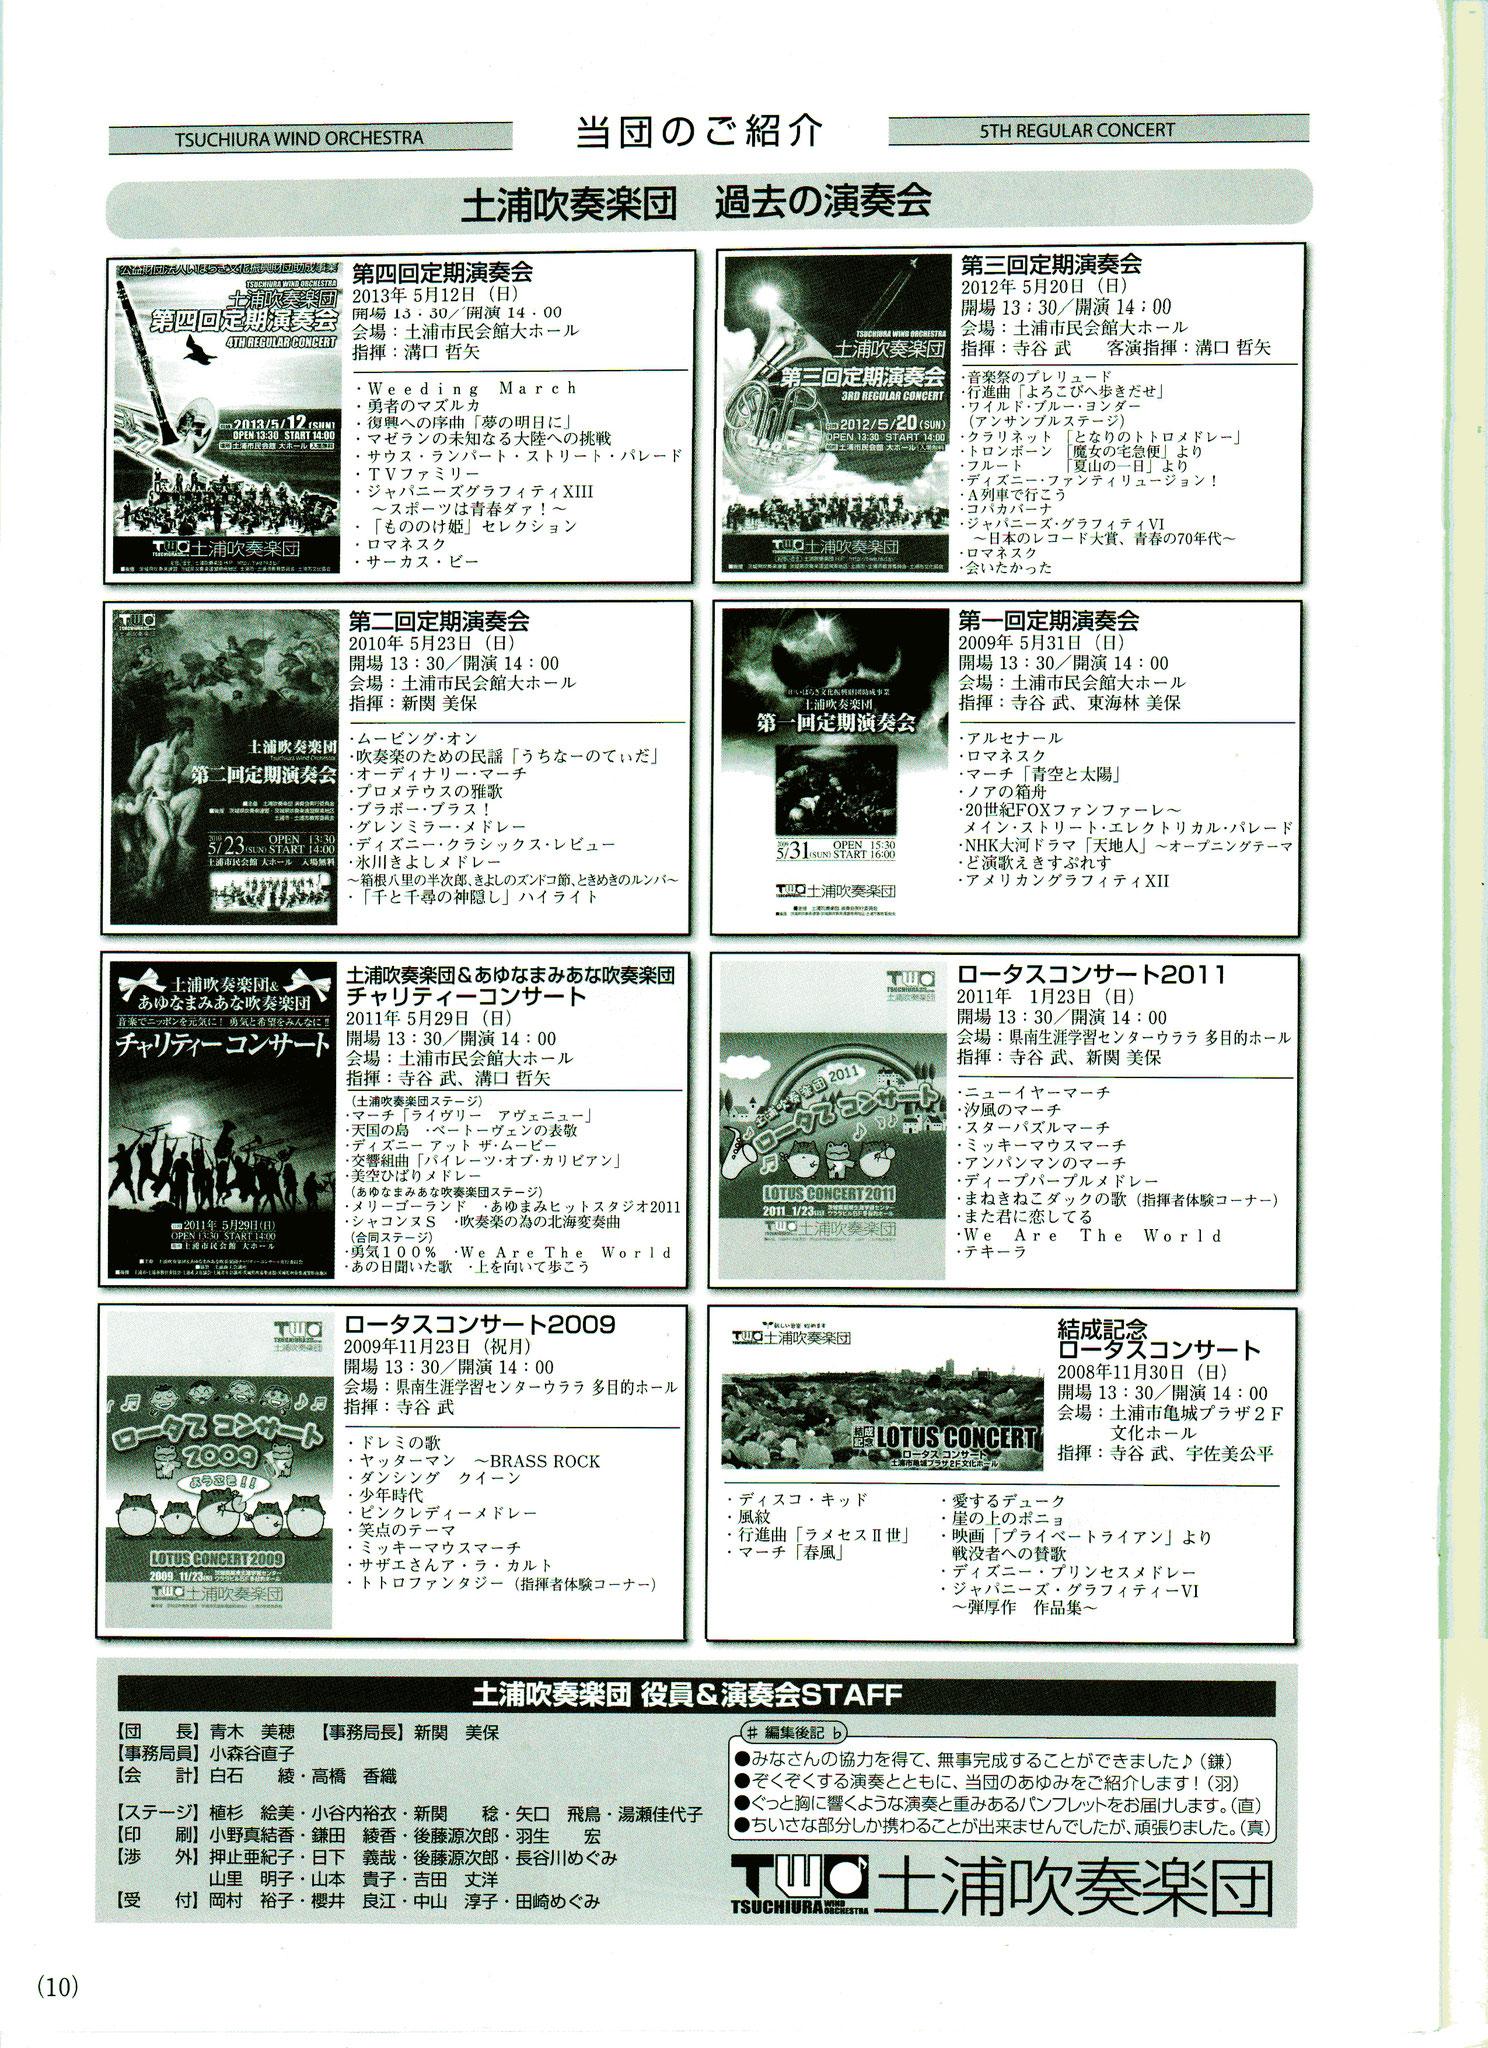 過去のコンサート・演奏会紹介